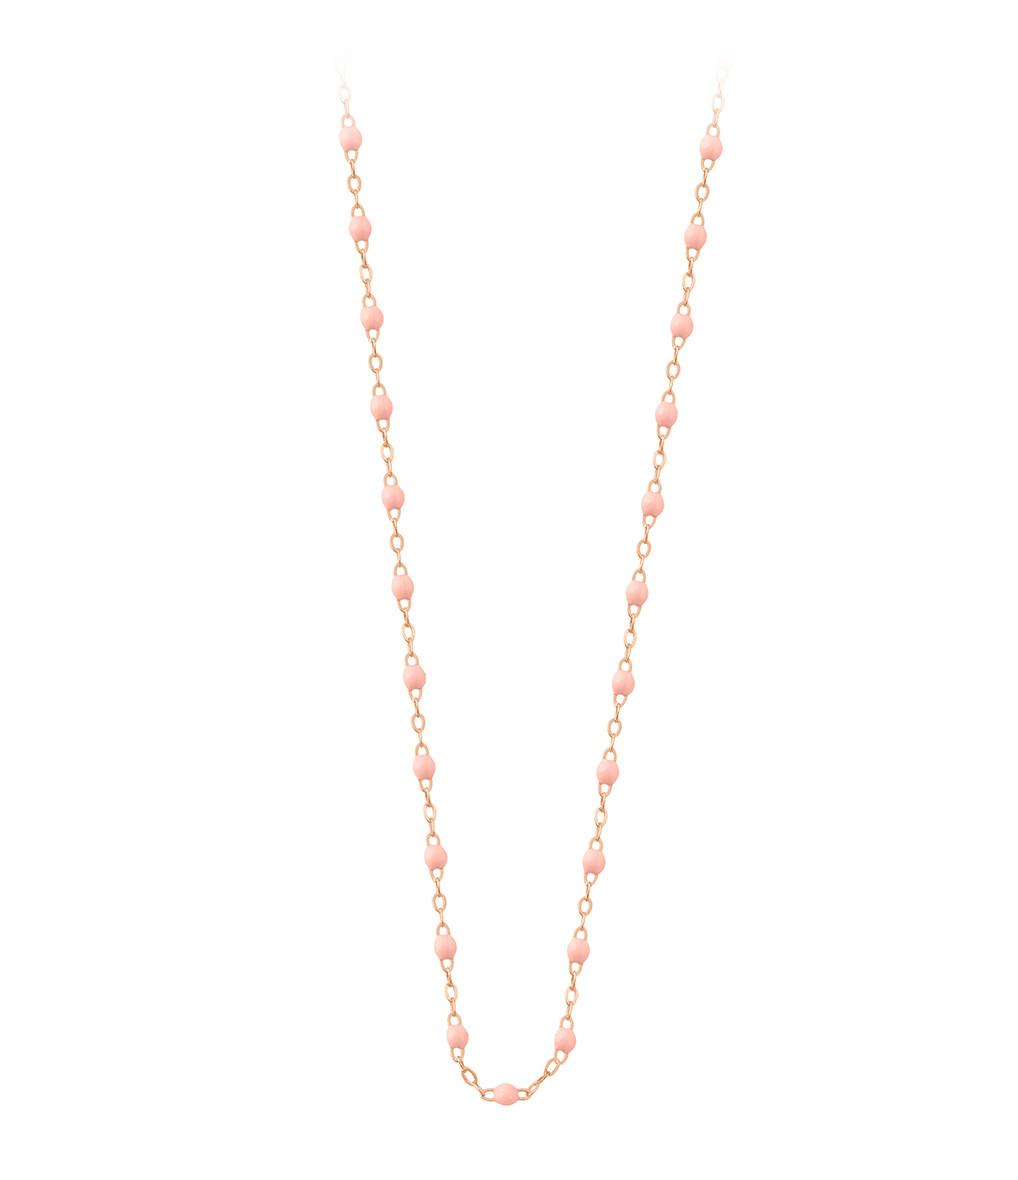 GIGI CLOZEAU - Collier Perles Résine 50cm